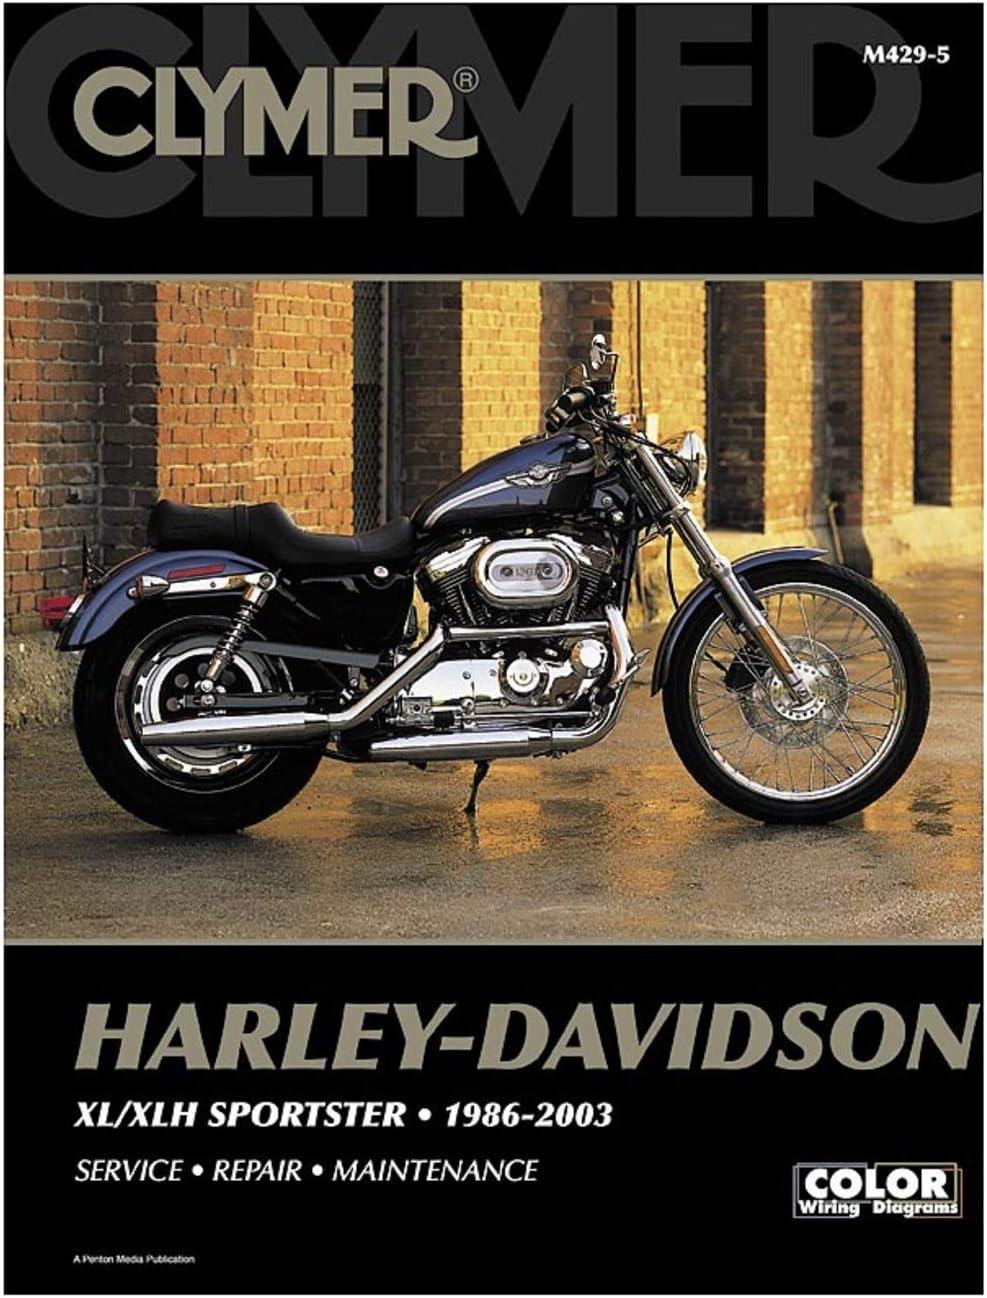 1999 harley davidson sportster service manual free download